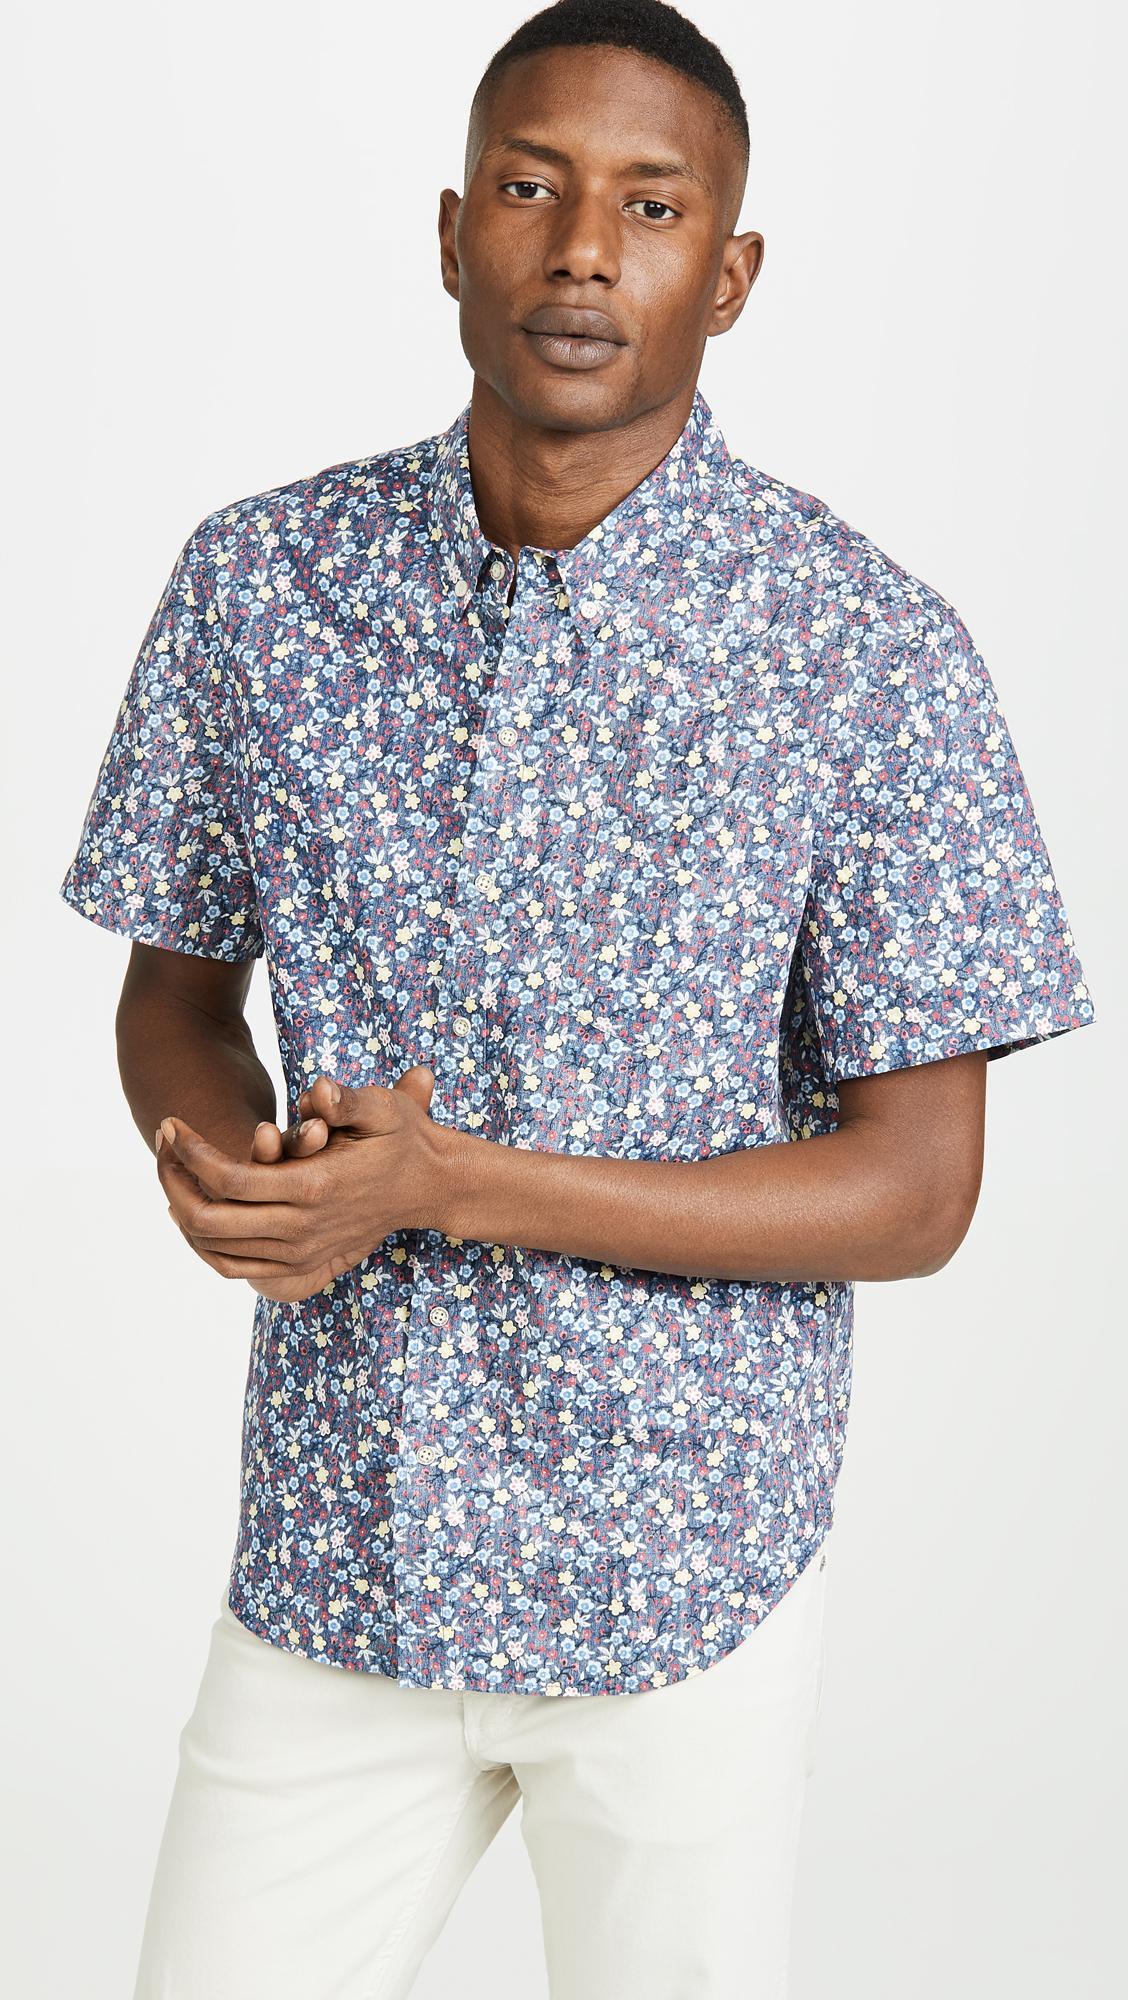 fd25d4547 Lyst - Reyn Spooner Retro Mini Tailored Shirt in Blue for Men